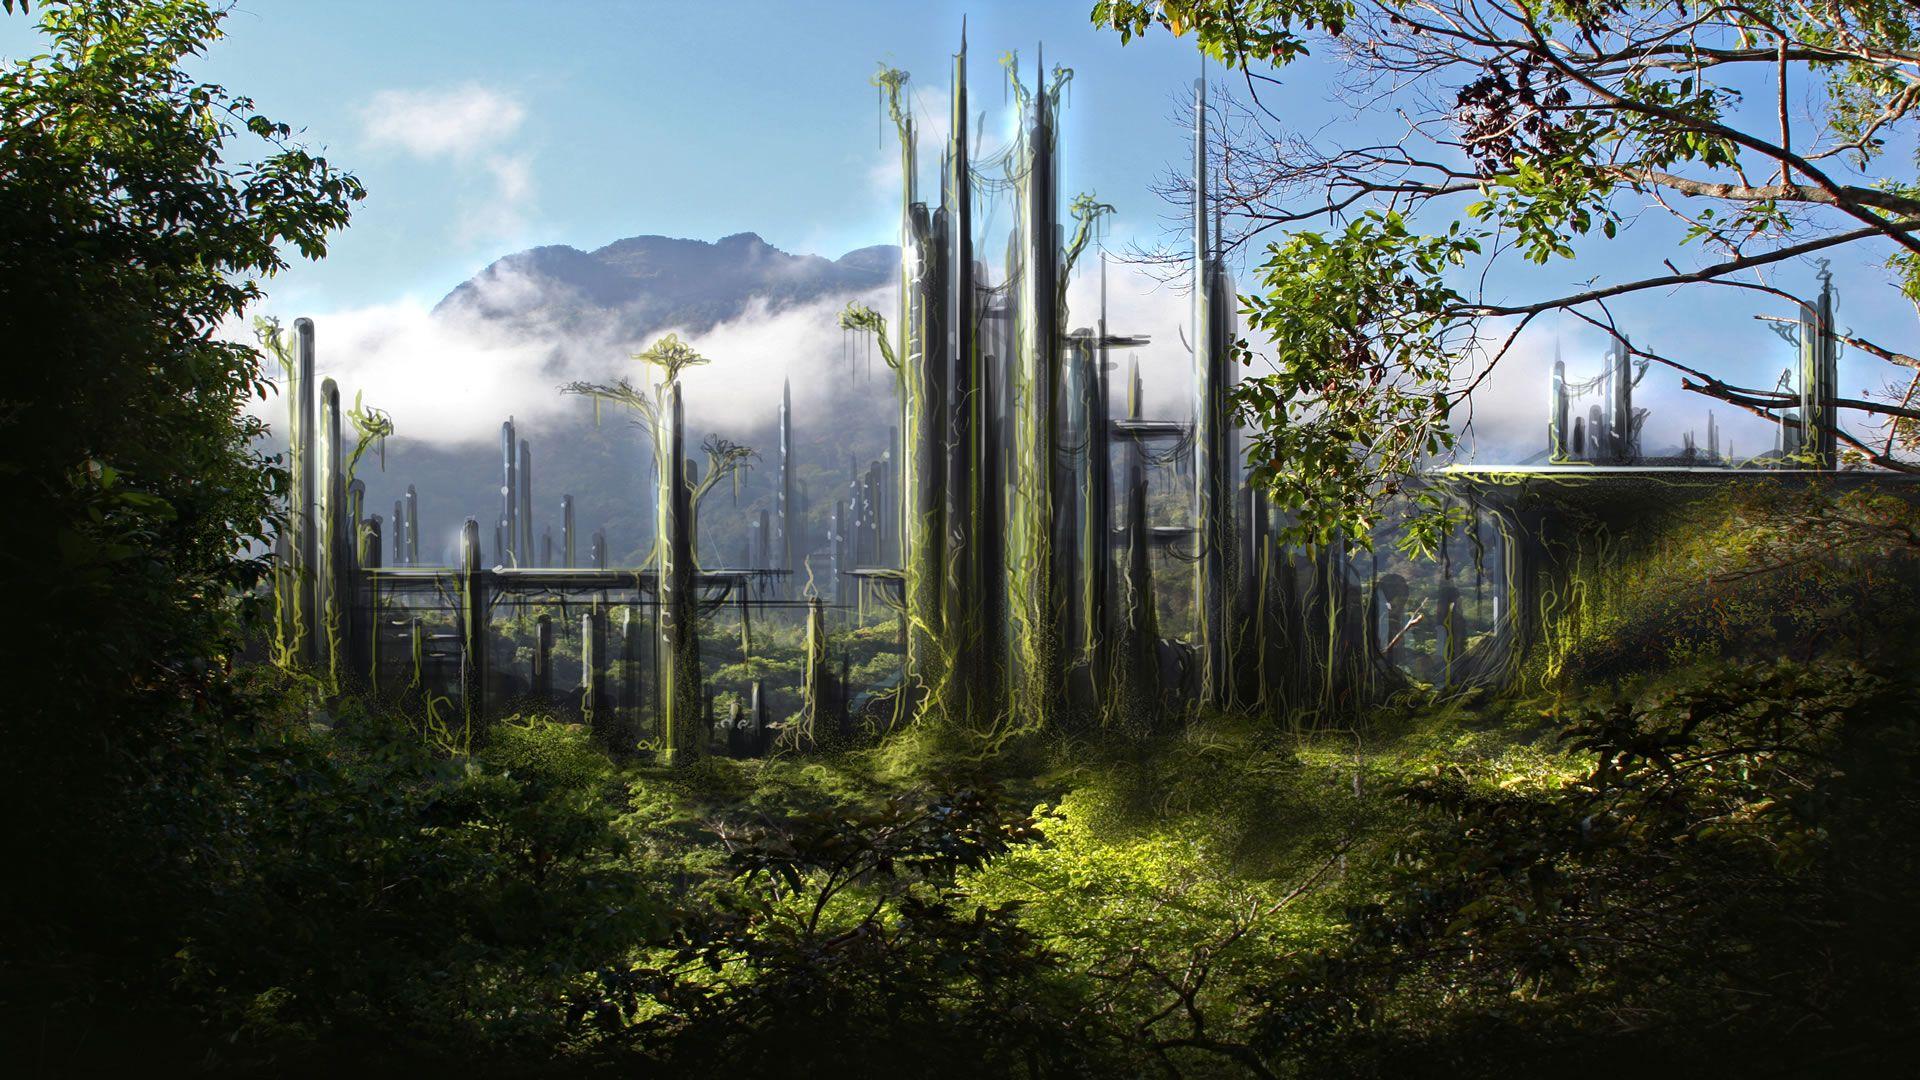 Sci Fi Landscape Wallpaper 1080p SvL